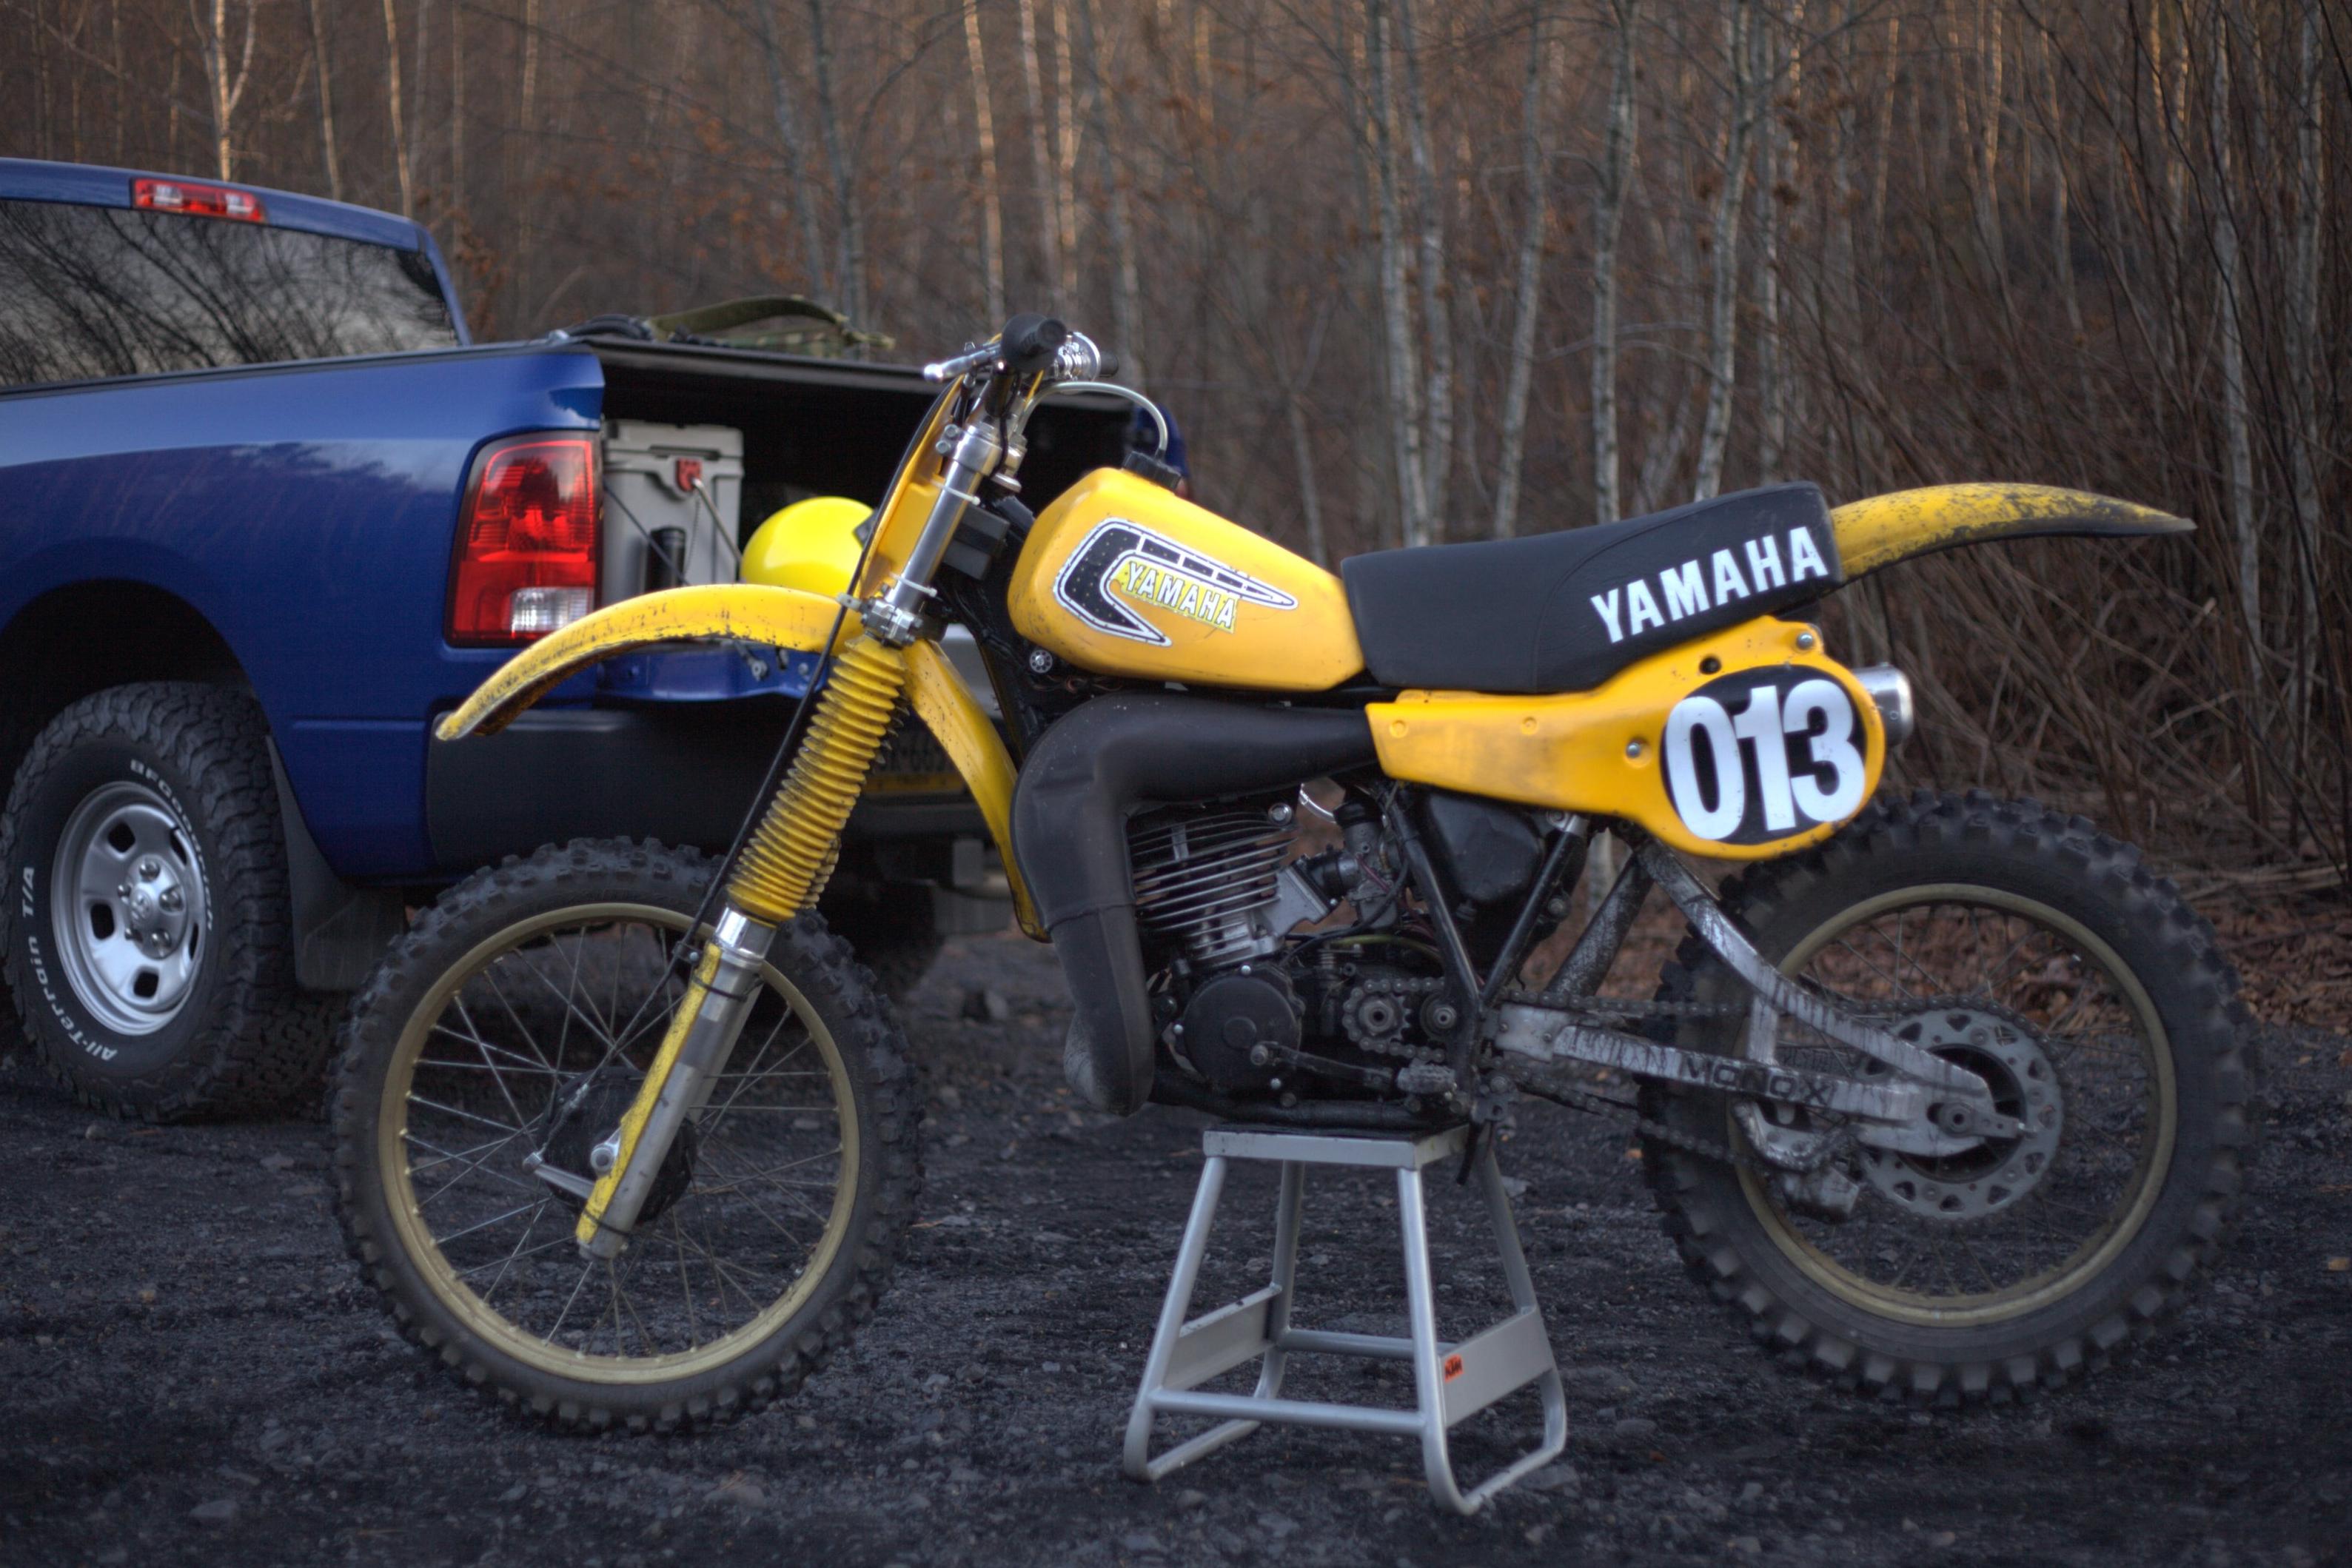 1981 Yamaha YZ250h